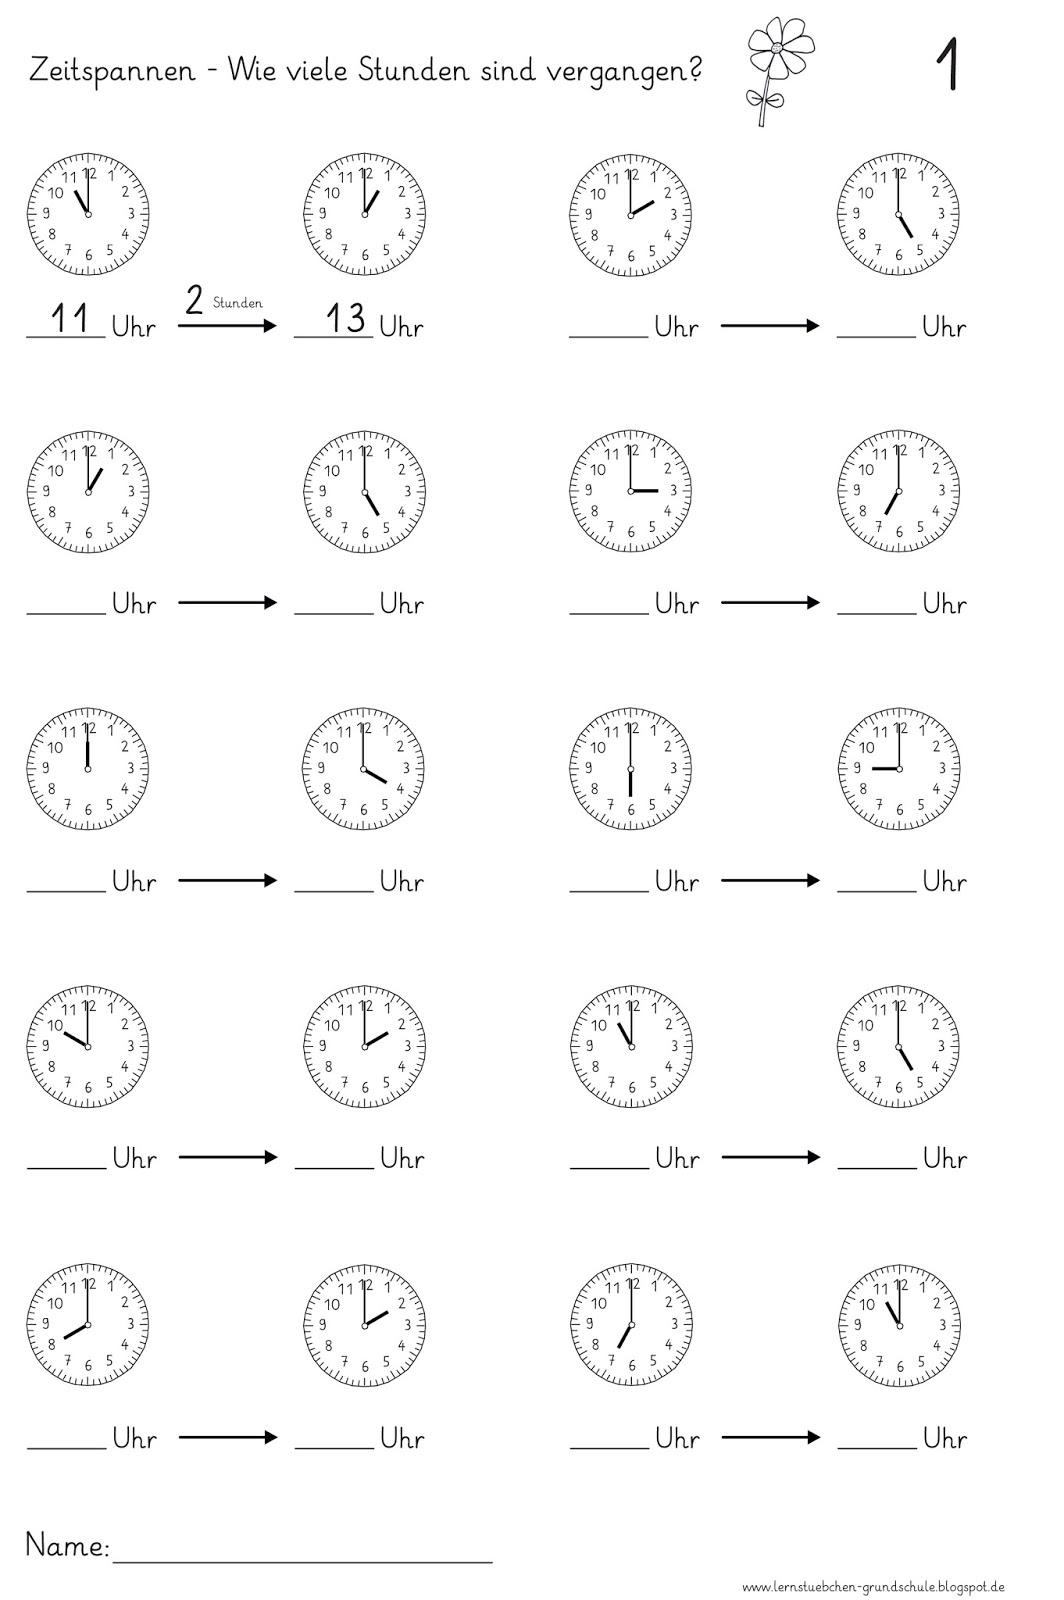 Arbeitsblätter Uhr Ganze Stunden : Lernstübchen zeitspannen volle stunden